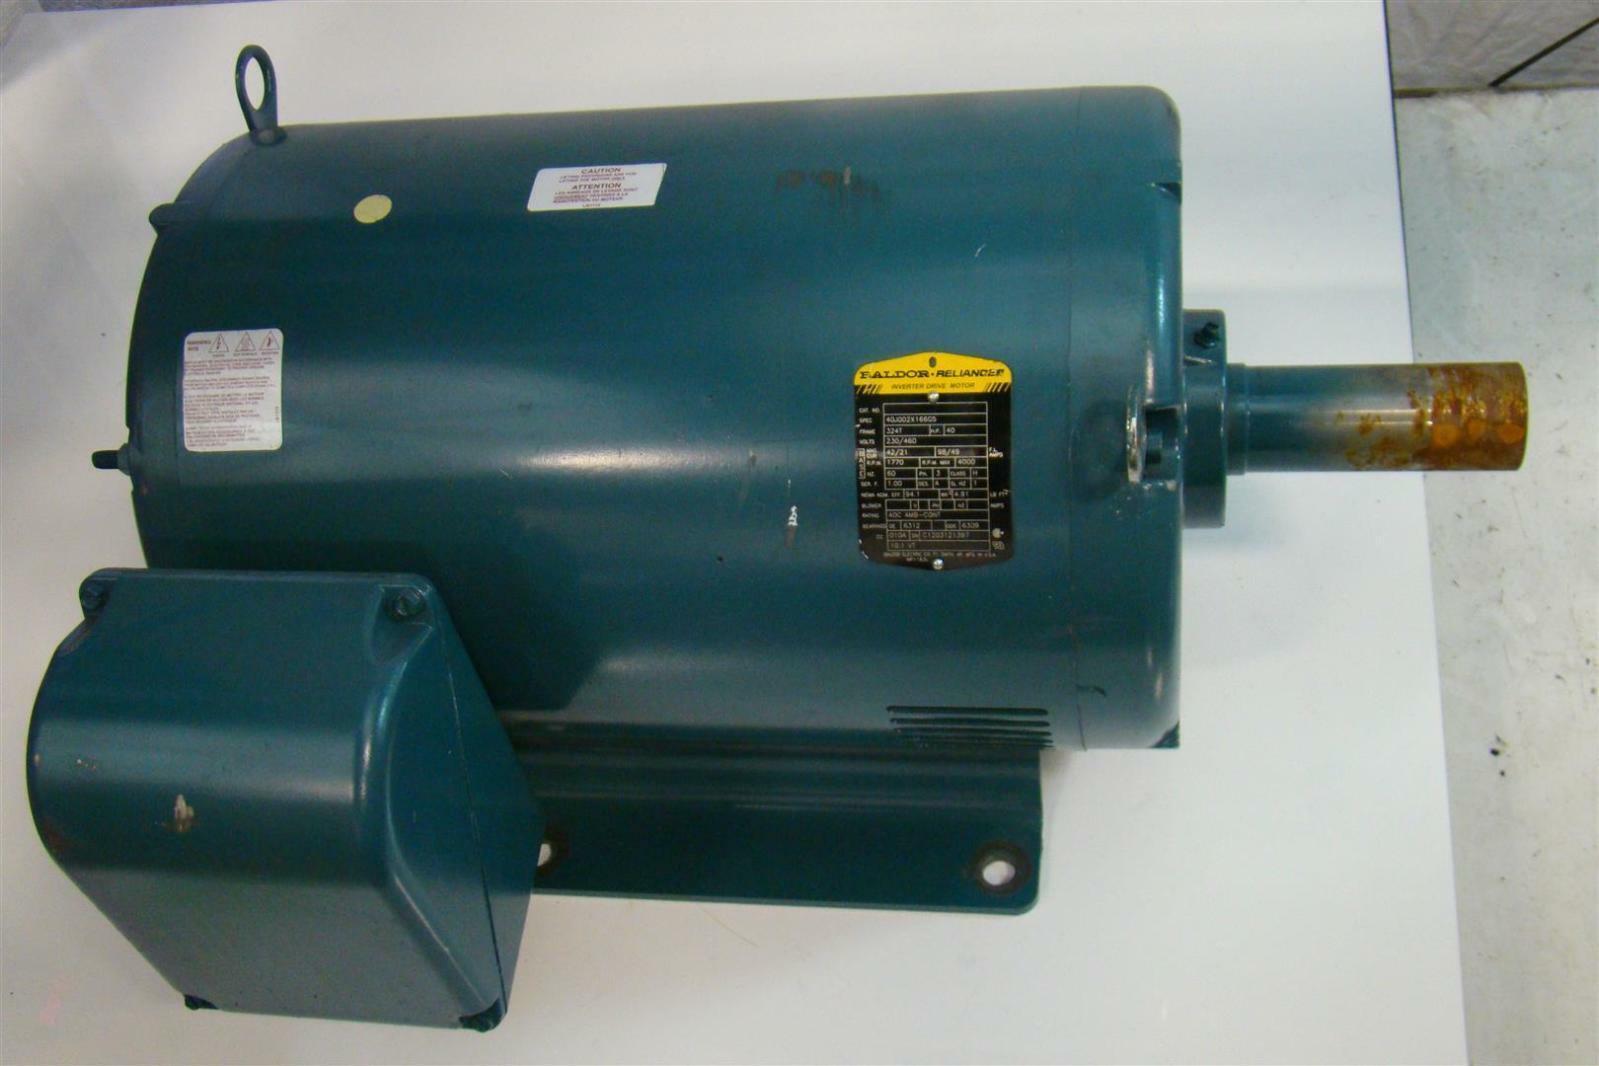 Baldor reliancer motor 230 460v 40hp 1770rpm ph3 for Baldor reliance motor parts